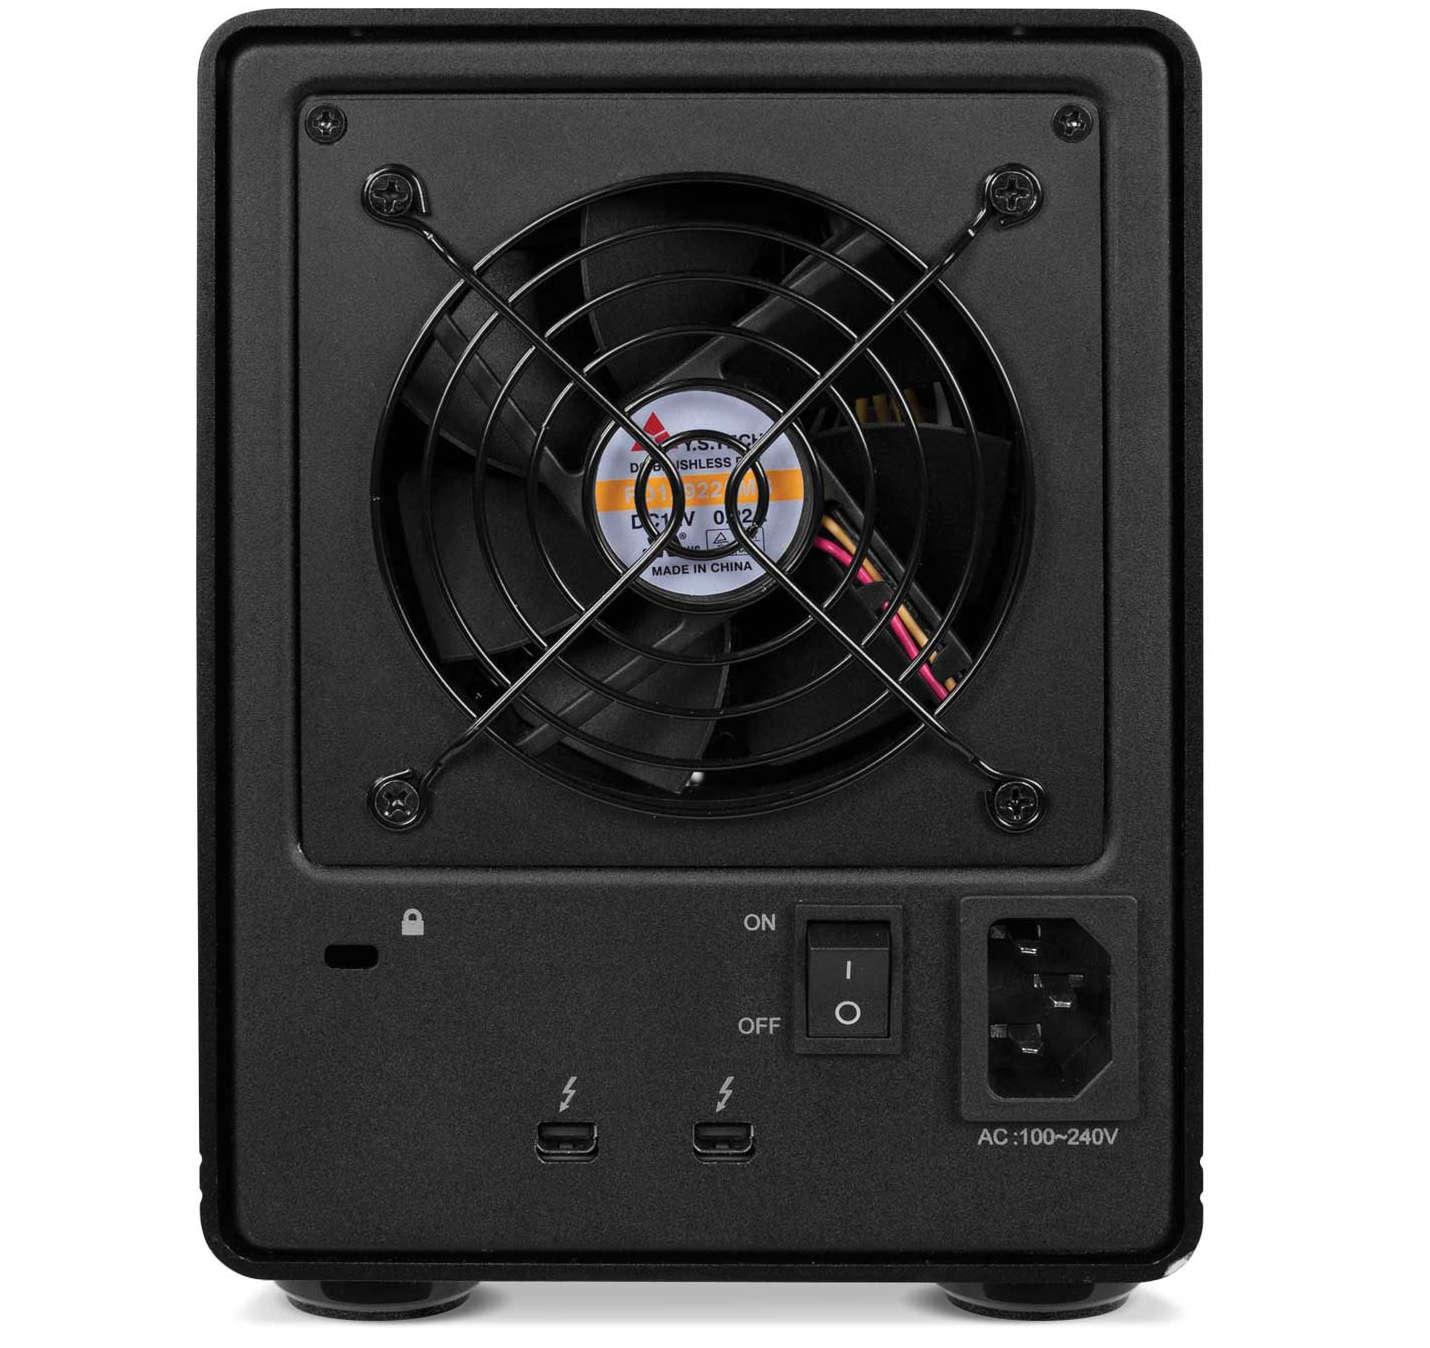 4-Bay Thunderbolt 2 External Drive, 6TB Each